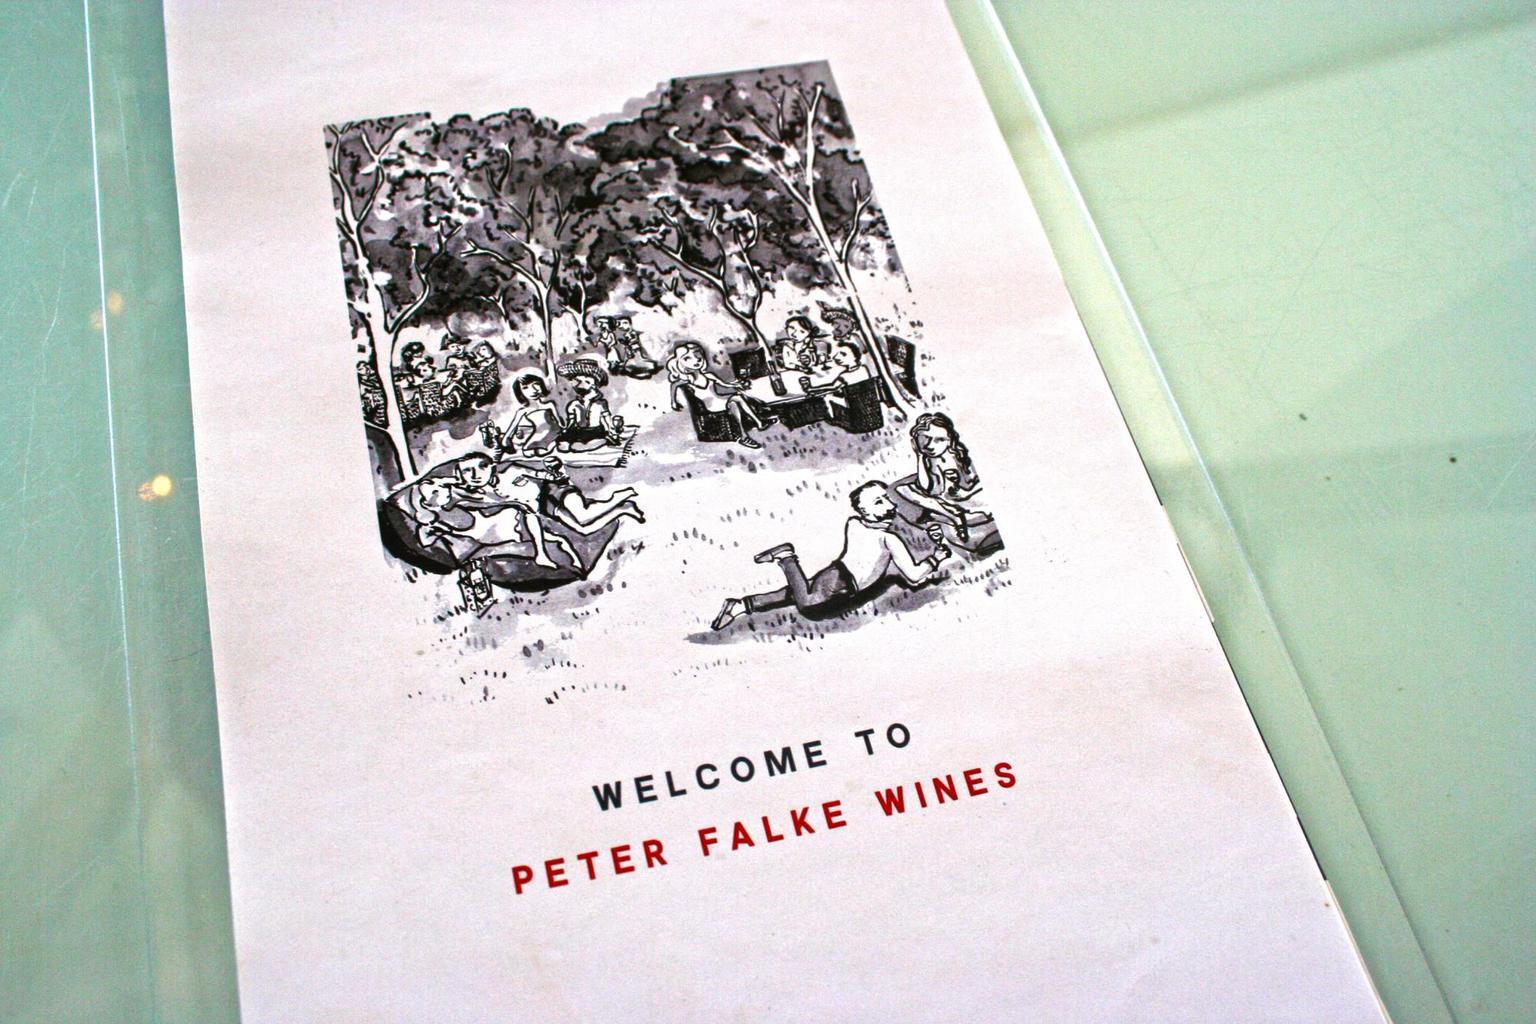 Peter Falke menu